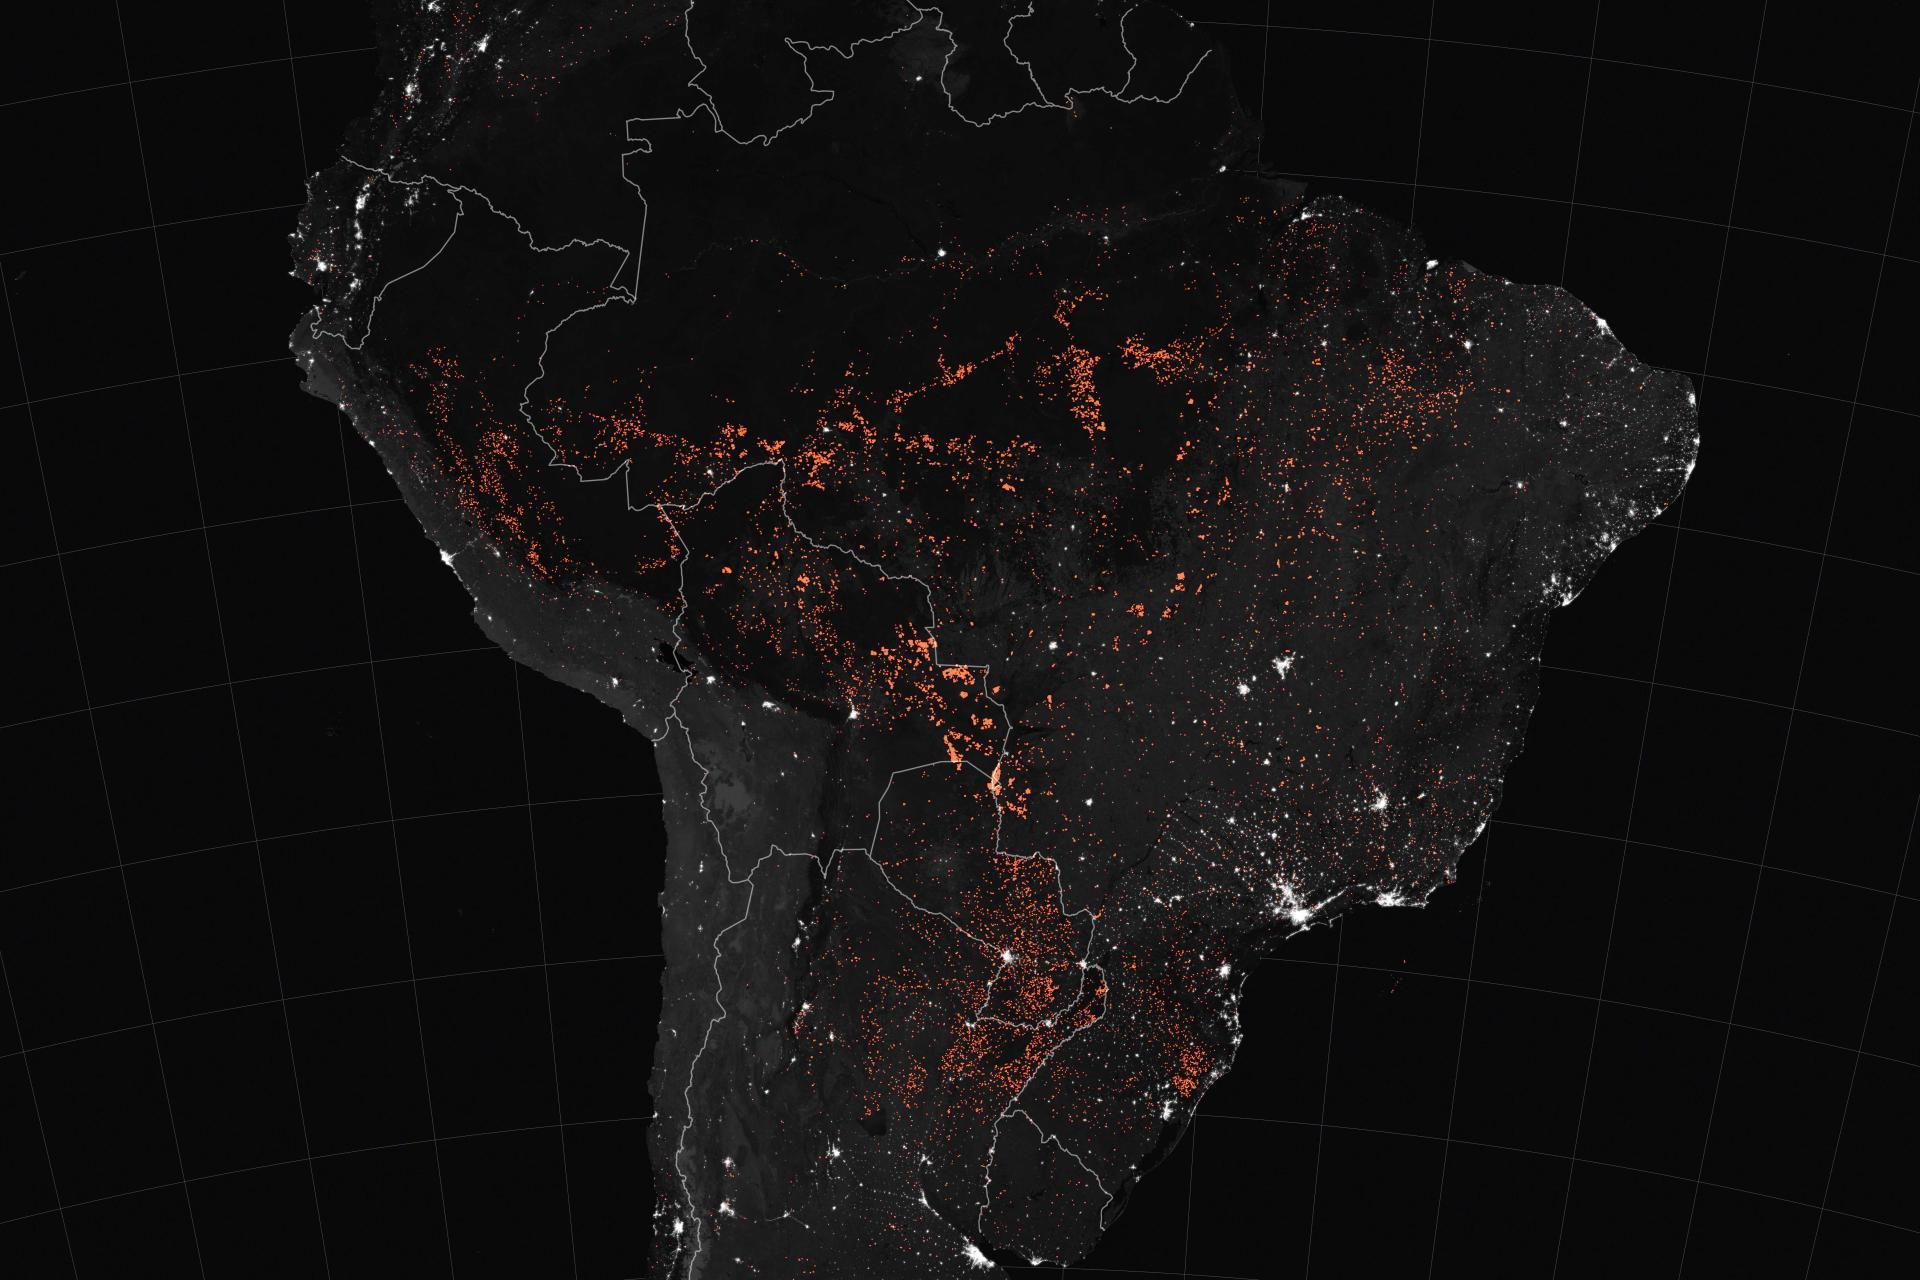 Sur cette image diffusée par la NASA, on peut voir en orange les feux dans la forêt amazonienne et en blanc apparaissent les villes. La forêt est, elle, en noir. Cette image a été produite par des satellites d'observation de la NASA entre le 15 et le 22 août.